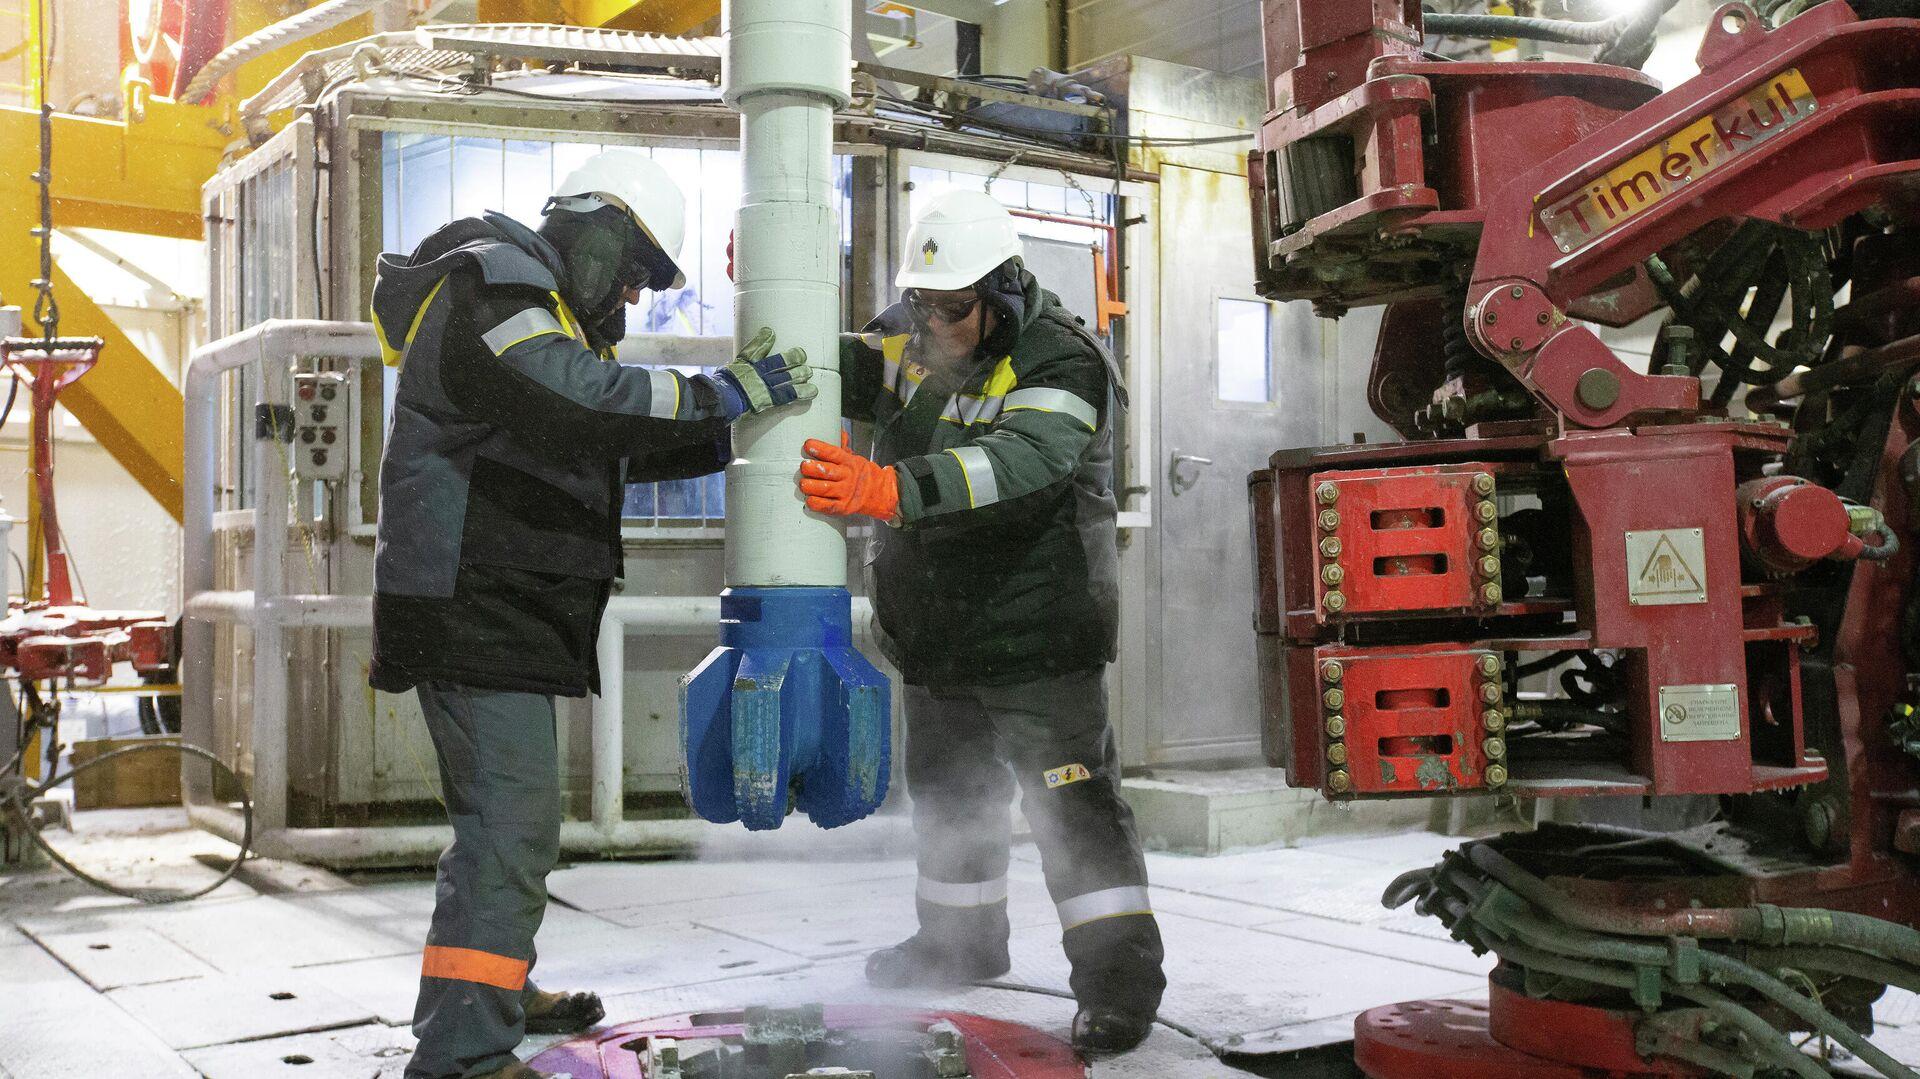 Рабочие на нефтеперерабатывющем заводе - РИА Новости, 1920, 29.12.2020